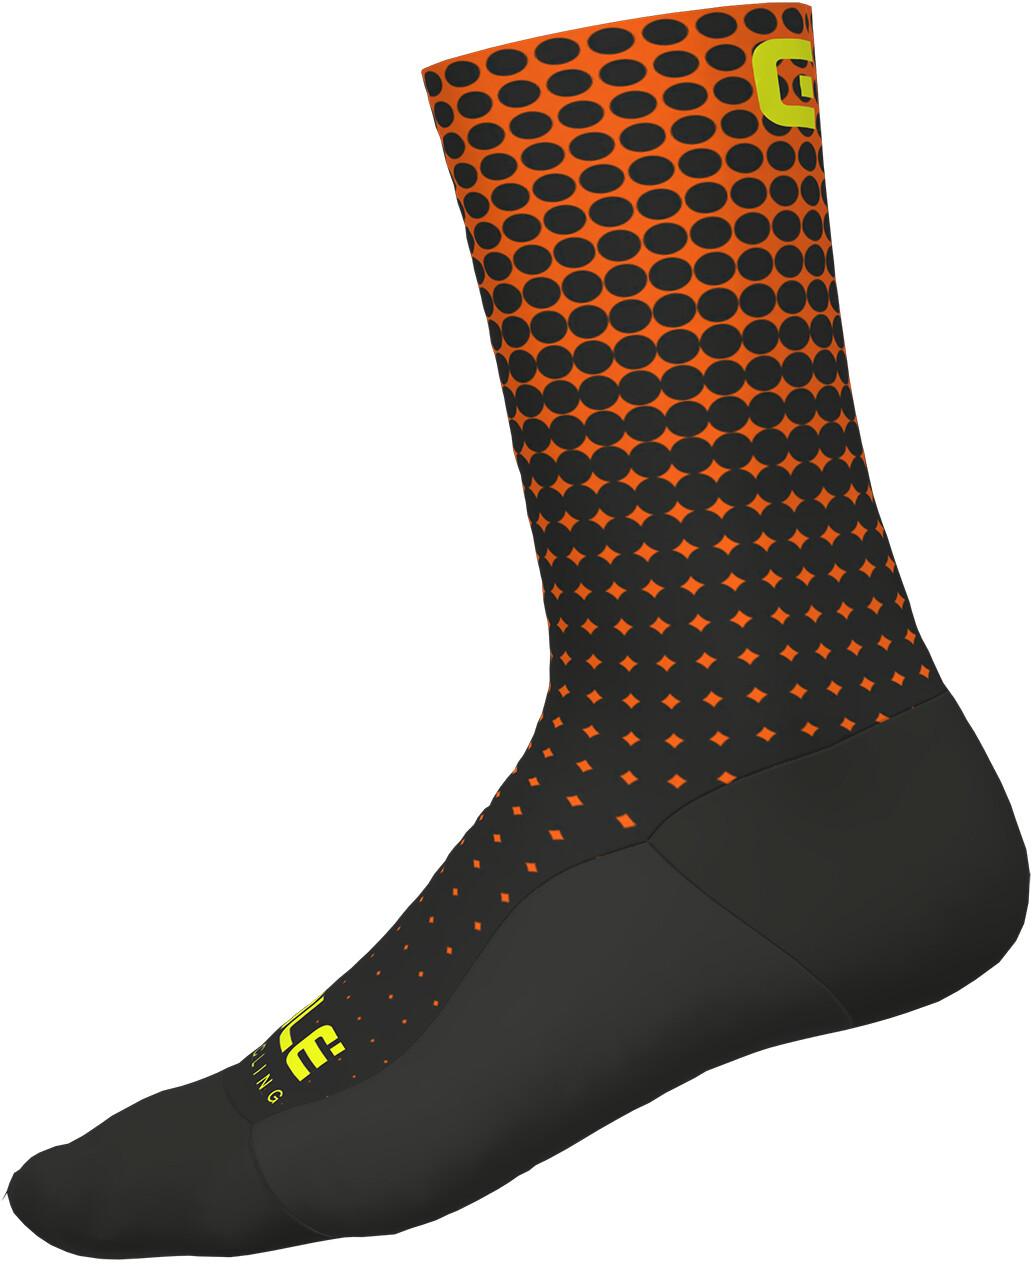 Alé Cycling Dots Strømper, nero-arancio fluo/black-fluo orange (2019) | Socks